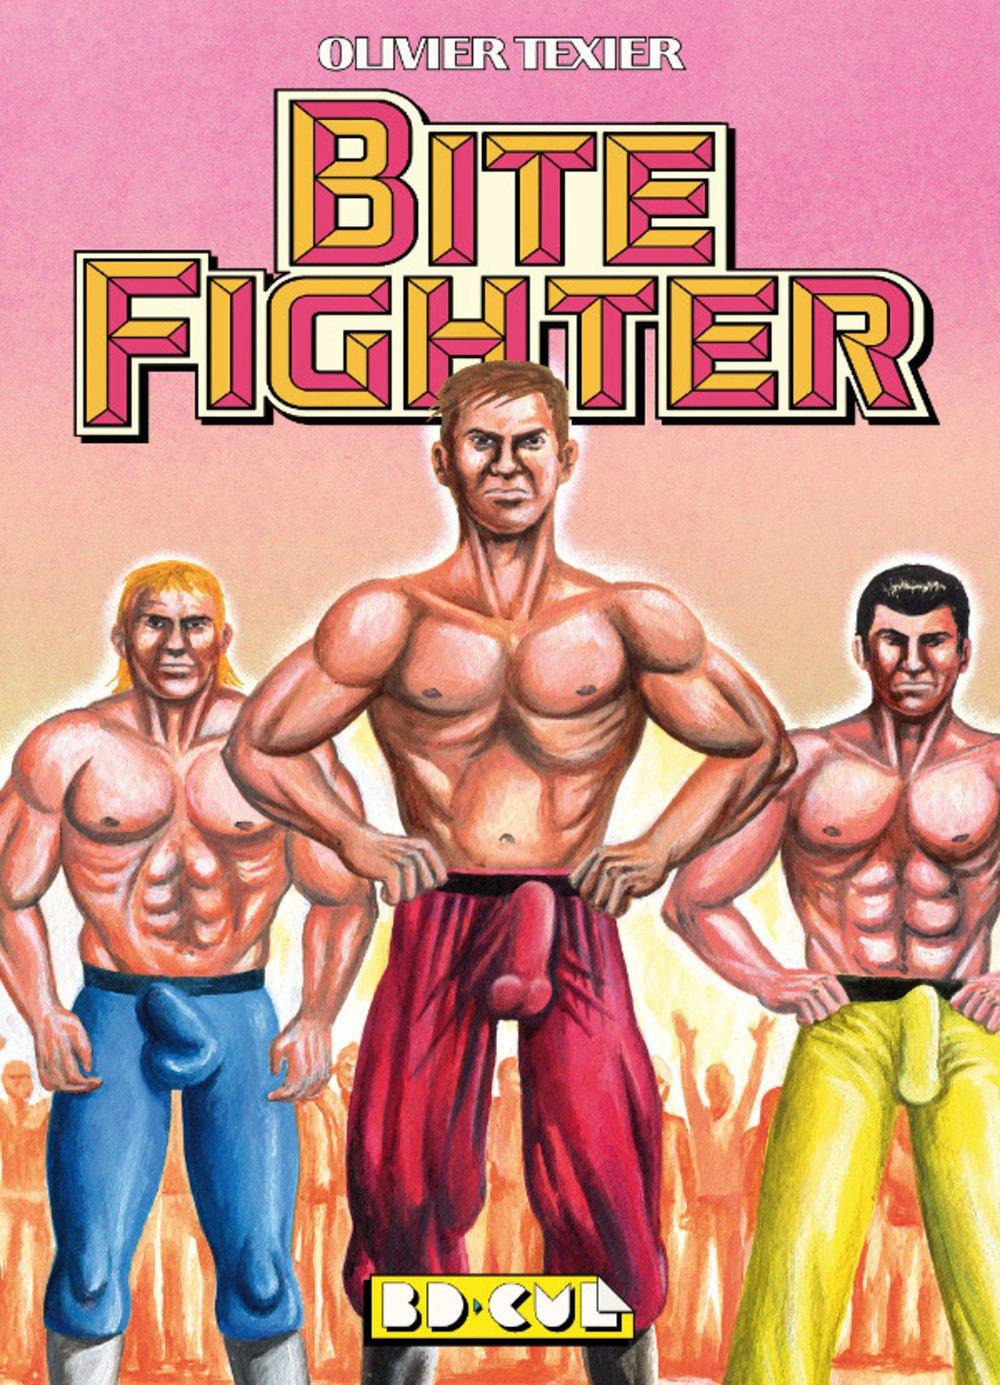 Bite Fighter Album – 9 janvier 2017 Olivier Texier Editions Les Requins Marteaux 2849611972 BD tout public